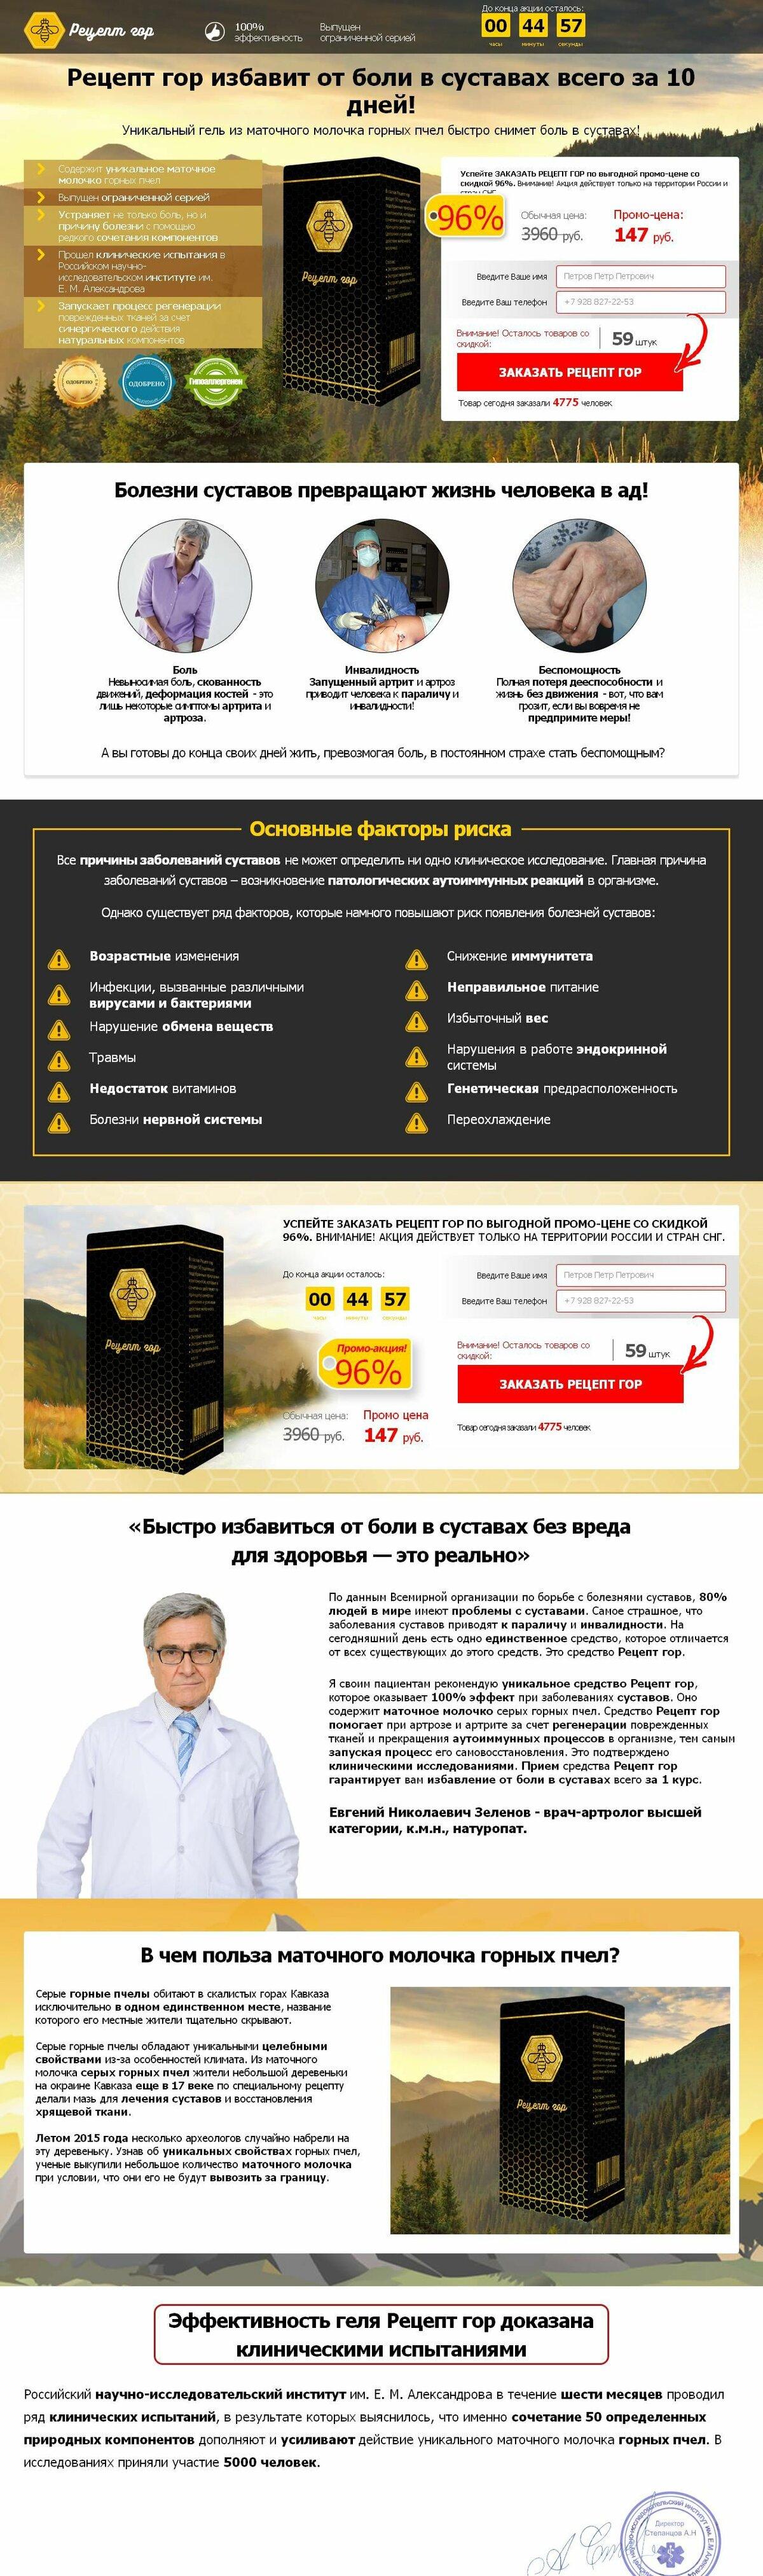 Рецепт гор от боли в суставах в Томске